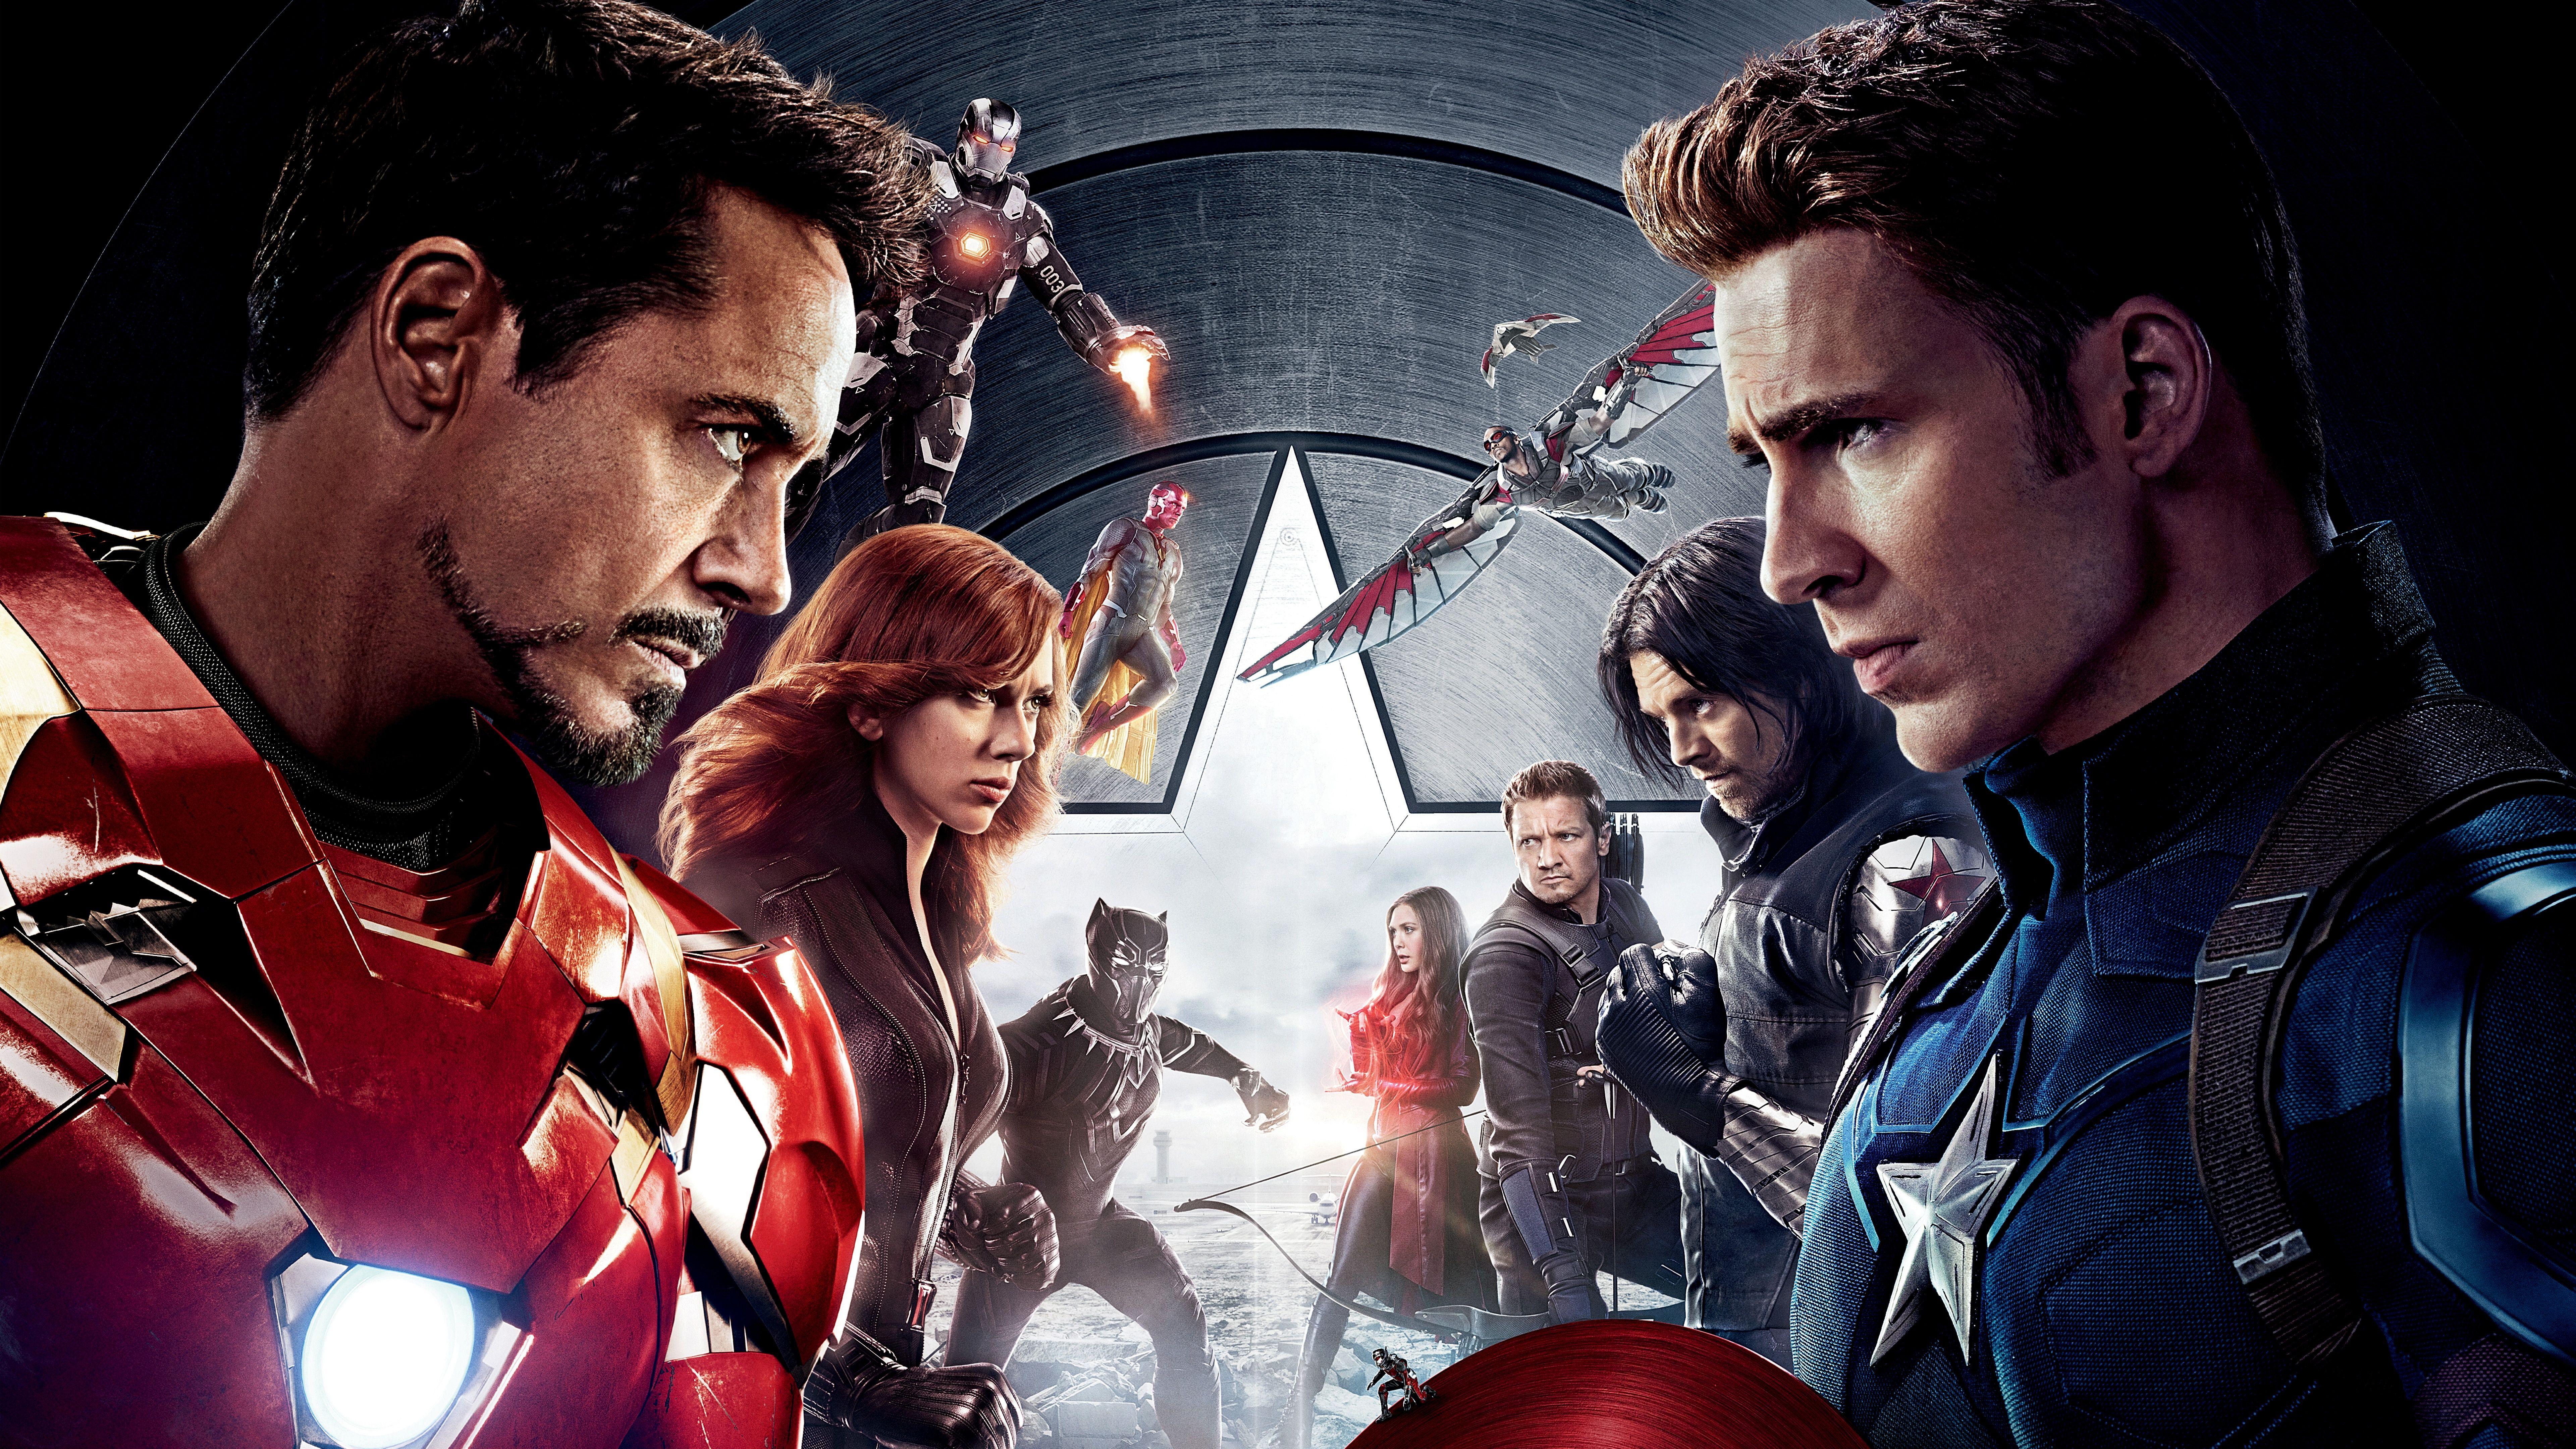 Captain America Captain America Civil War Iron Man Comics Captain America Civil War Movie Captain America Civil War Civil War Characters